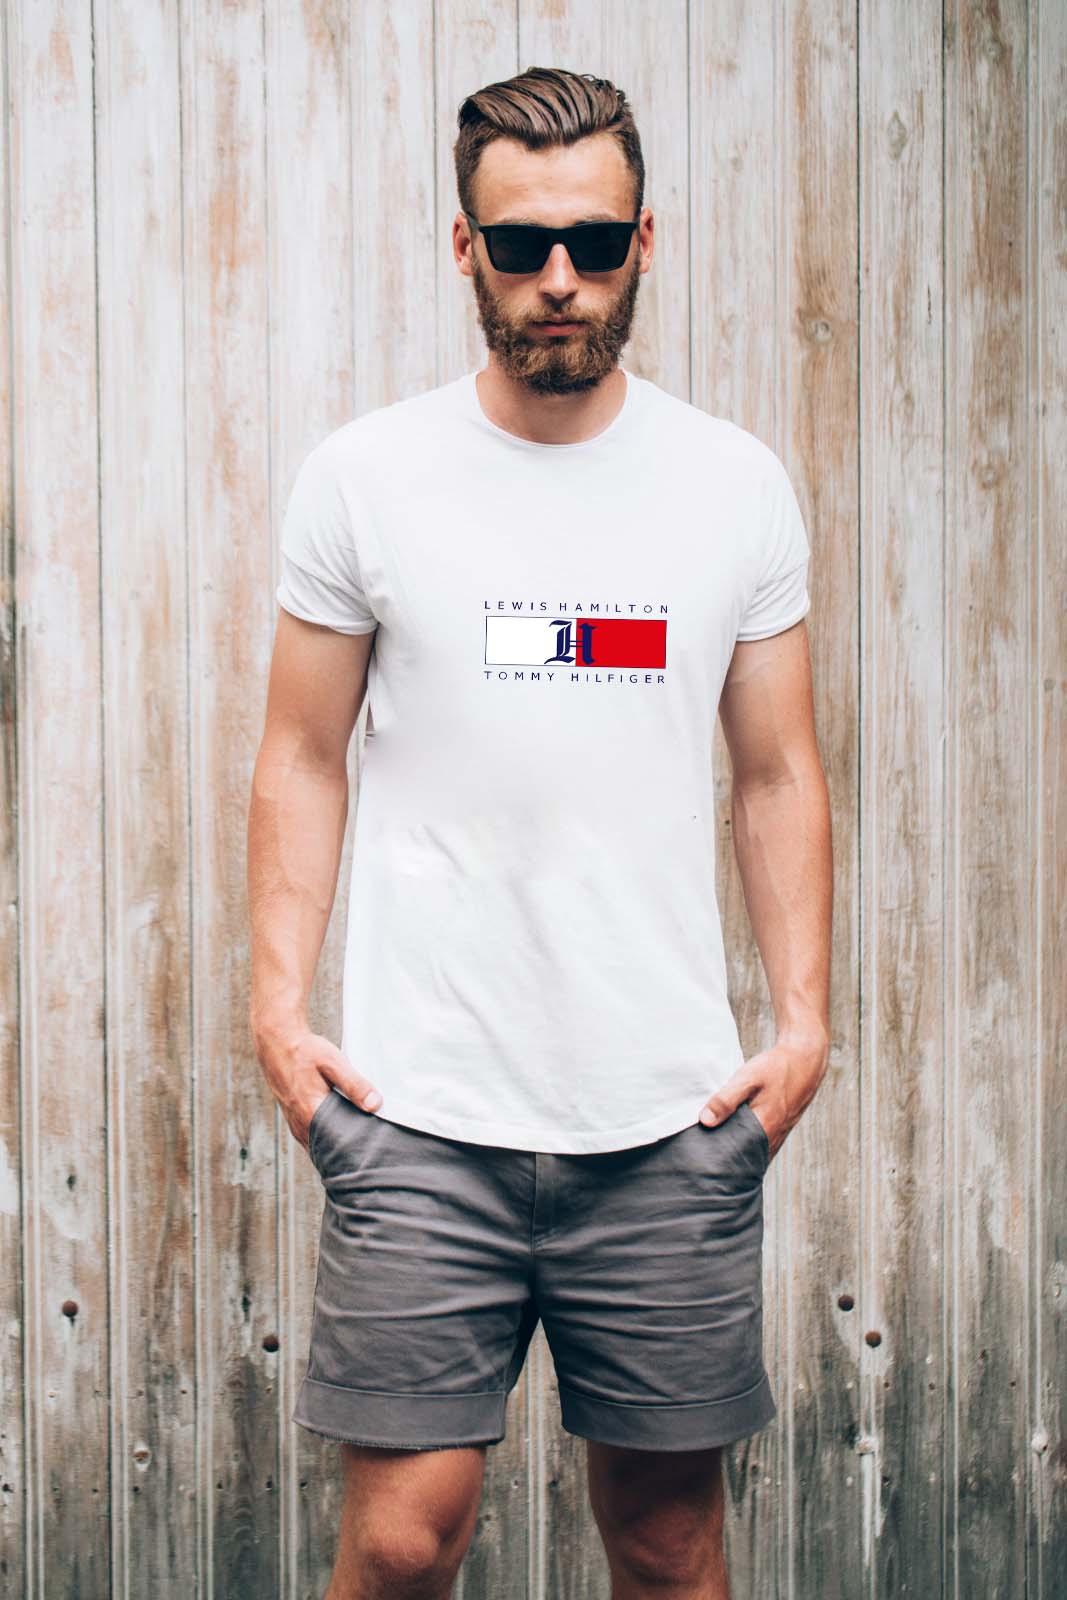 חולצות T של טומי במגוון צבעים